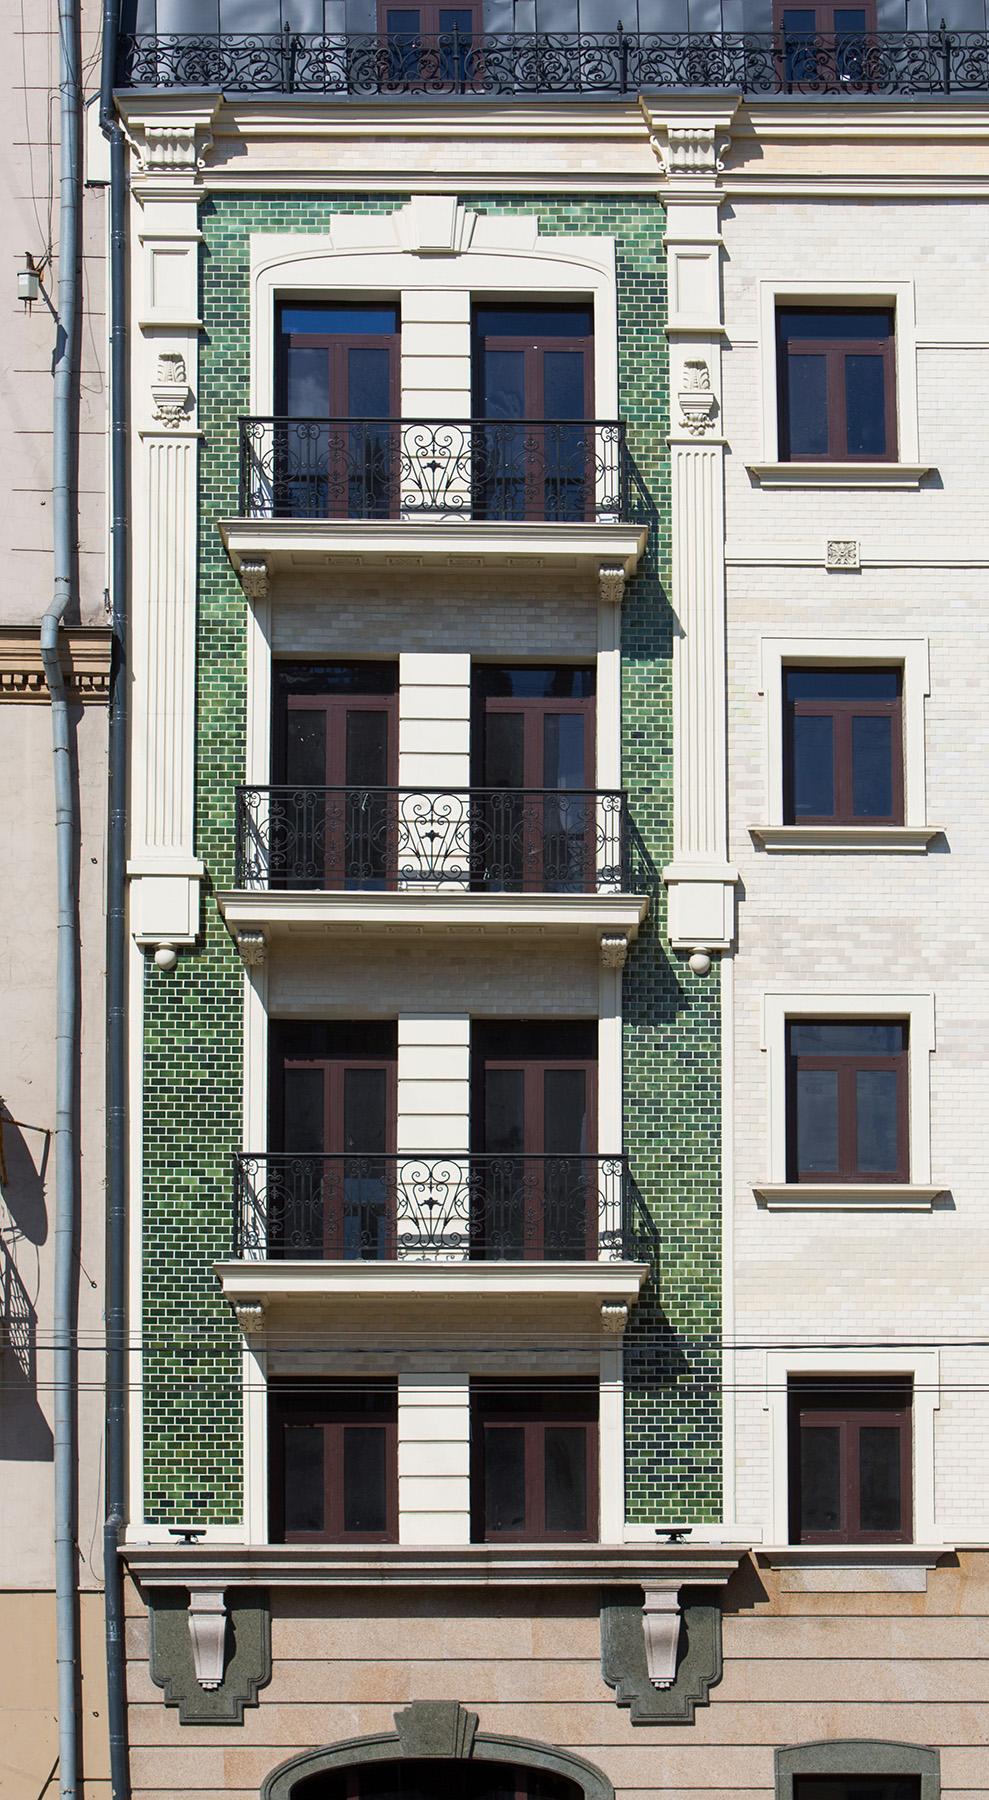 Лепные детали на фасаде здания. Выполнены Архитектурно-производственной мастерской Елены Афти. Архитектор проекта Елена Афти